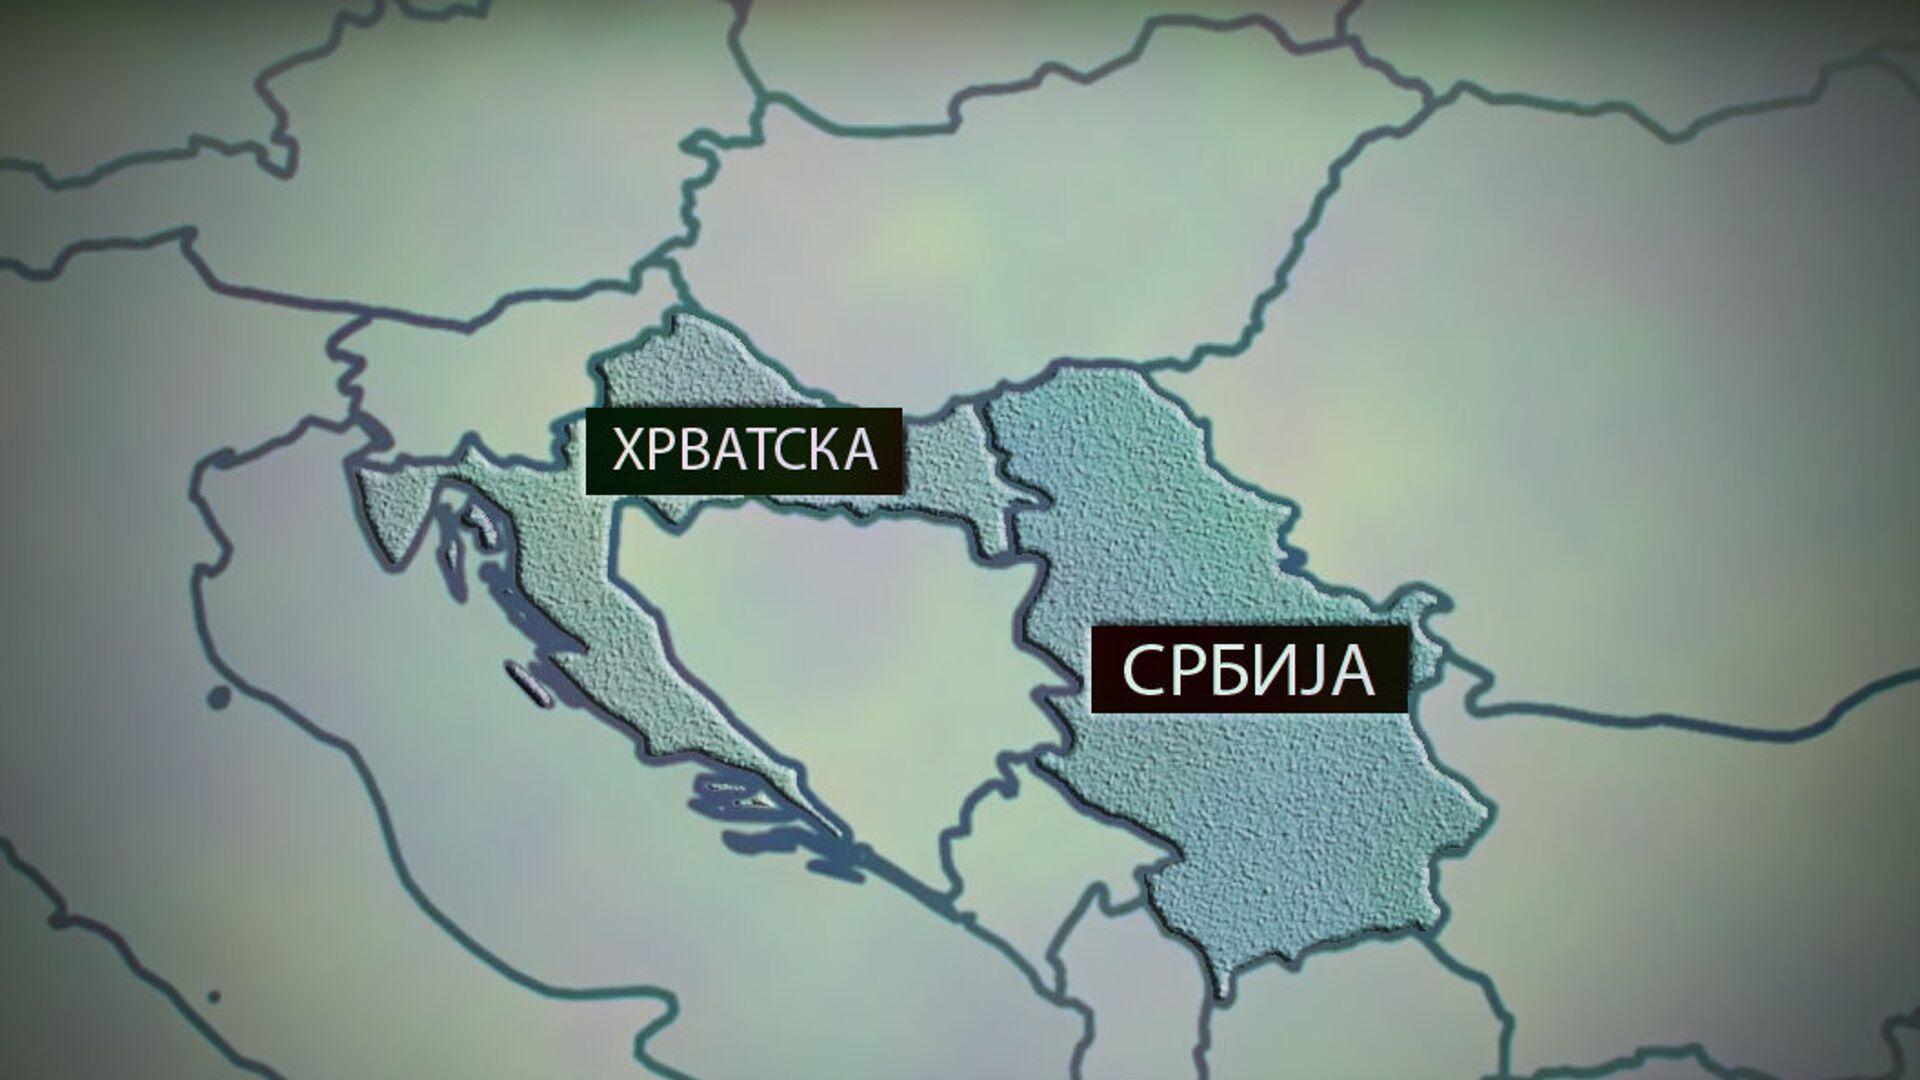 Karta Srbija - Hrvatska - Sputnik Srbija, 1920, 10.10.2021